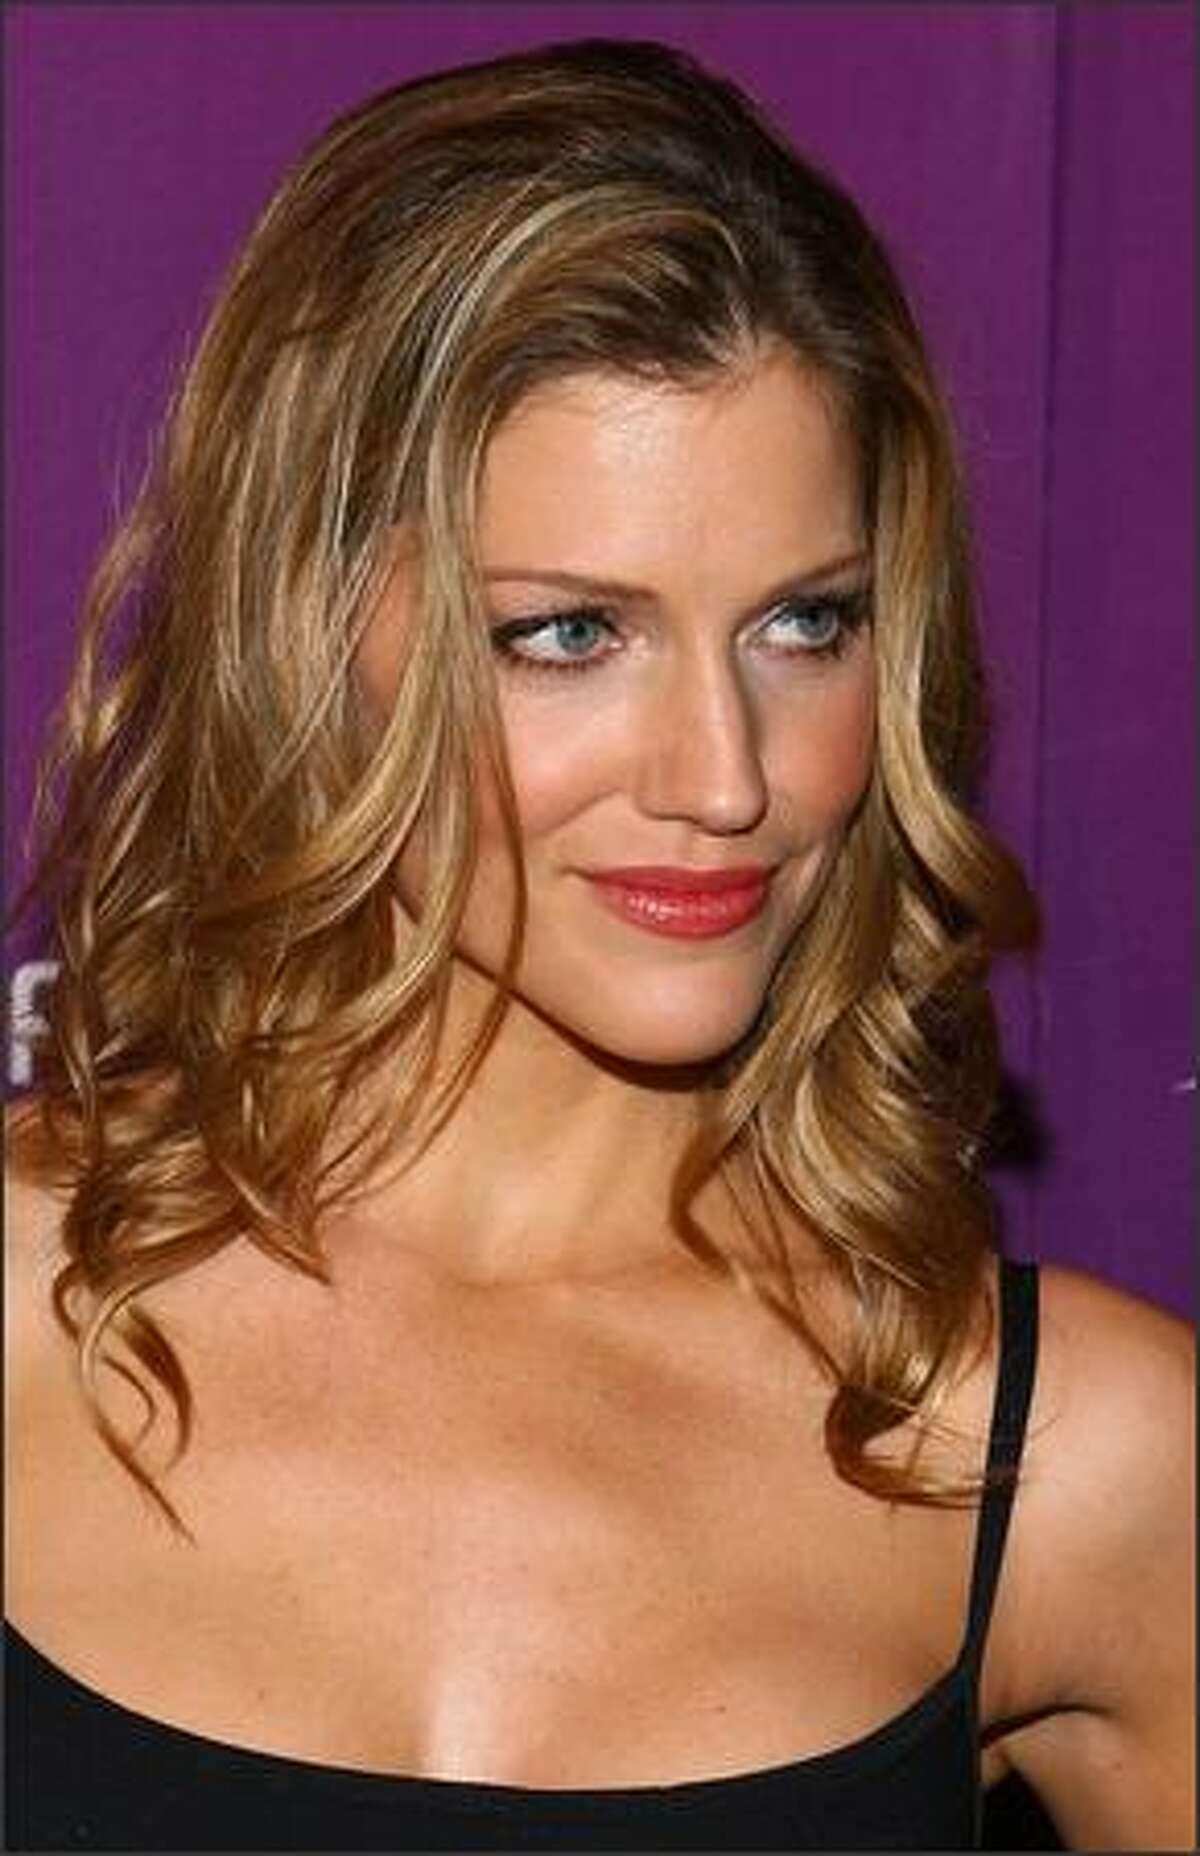 No. 75: Actress Tricia Helfer, 35 (